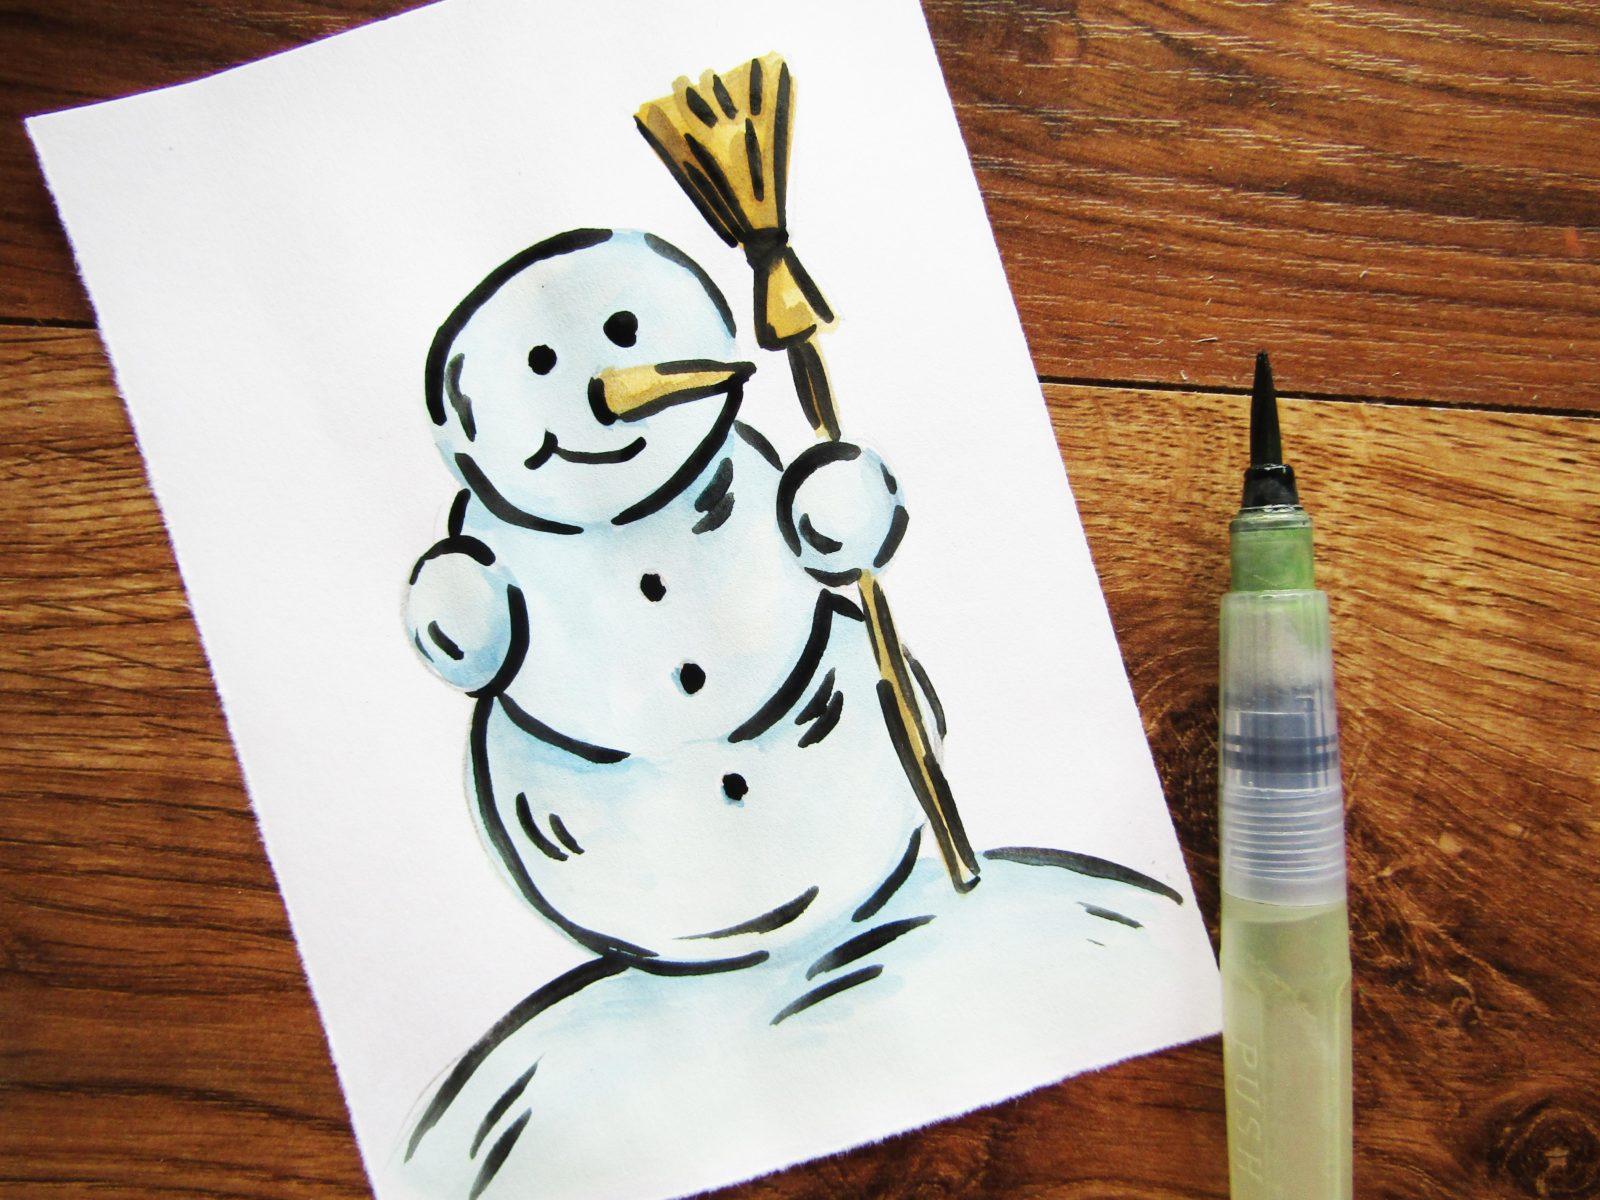 Как нарисовать снеговика гуашью - 7